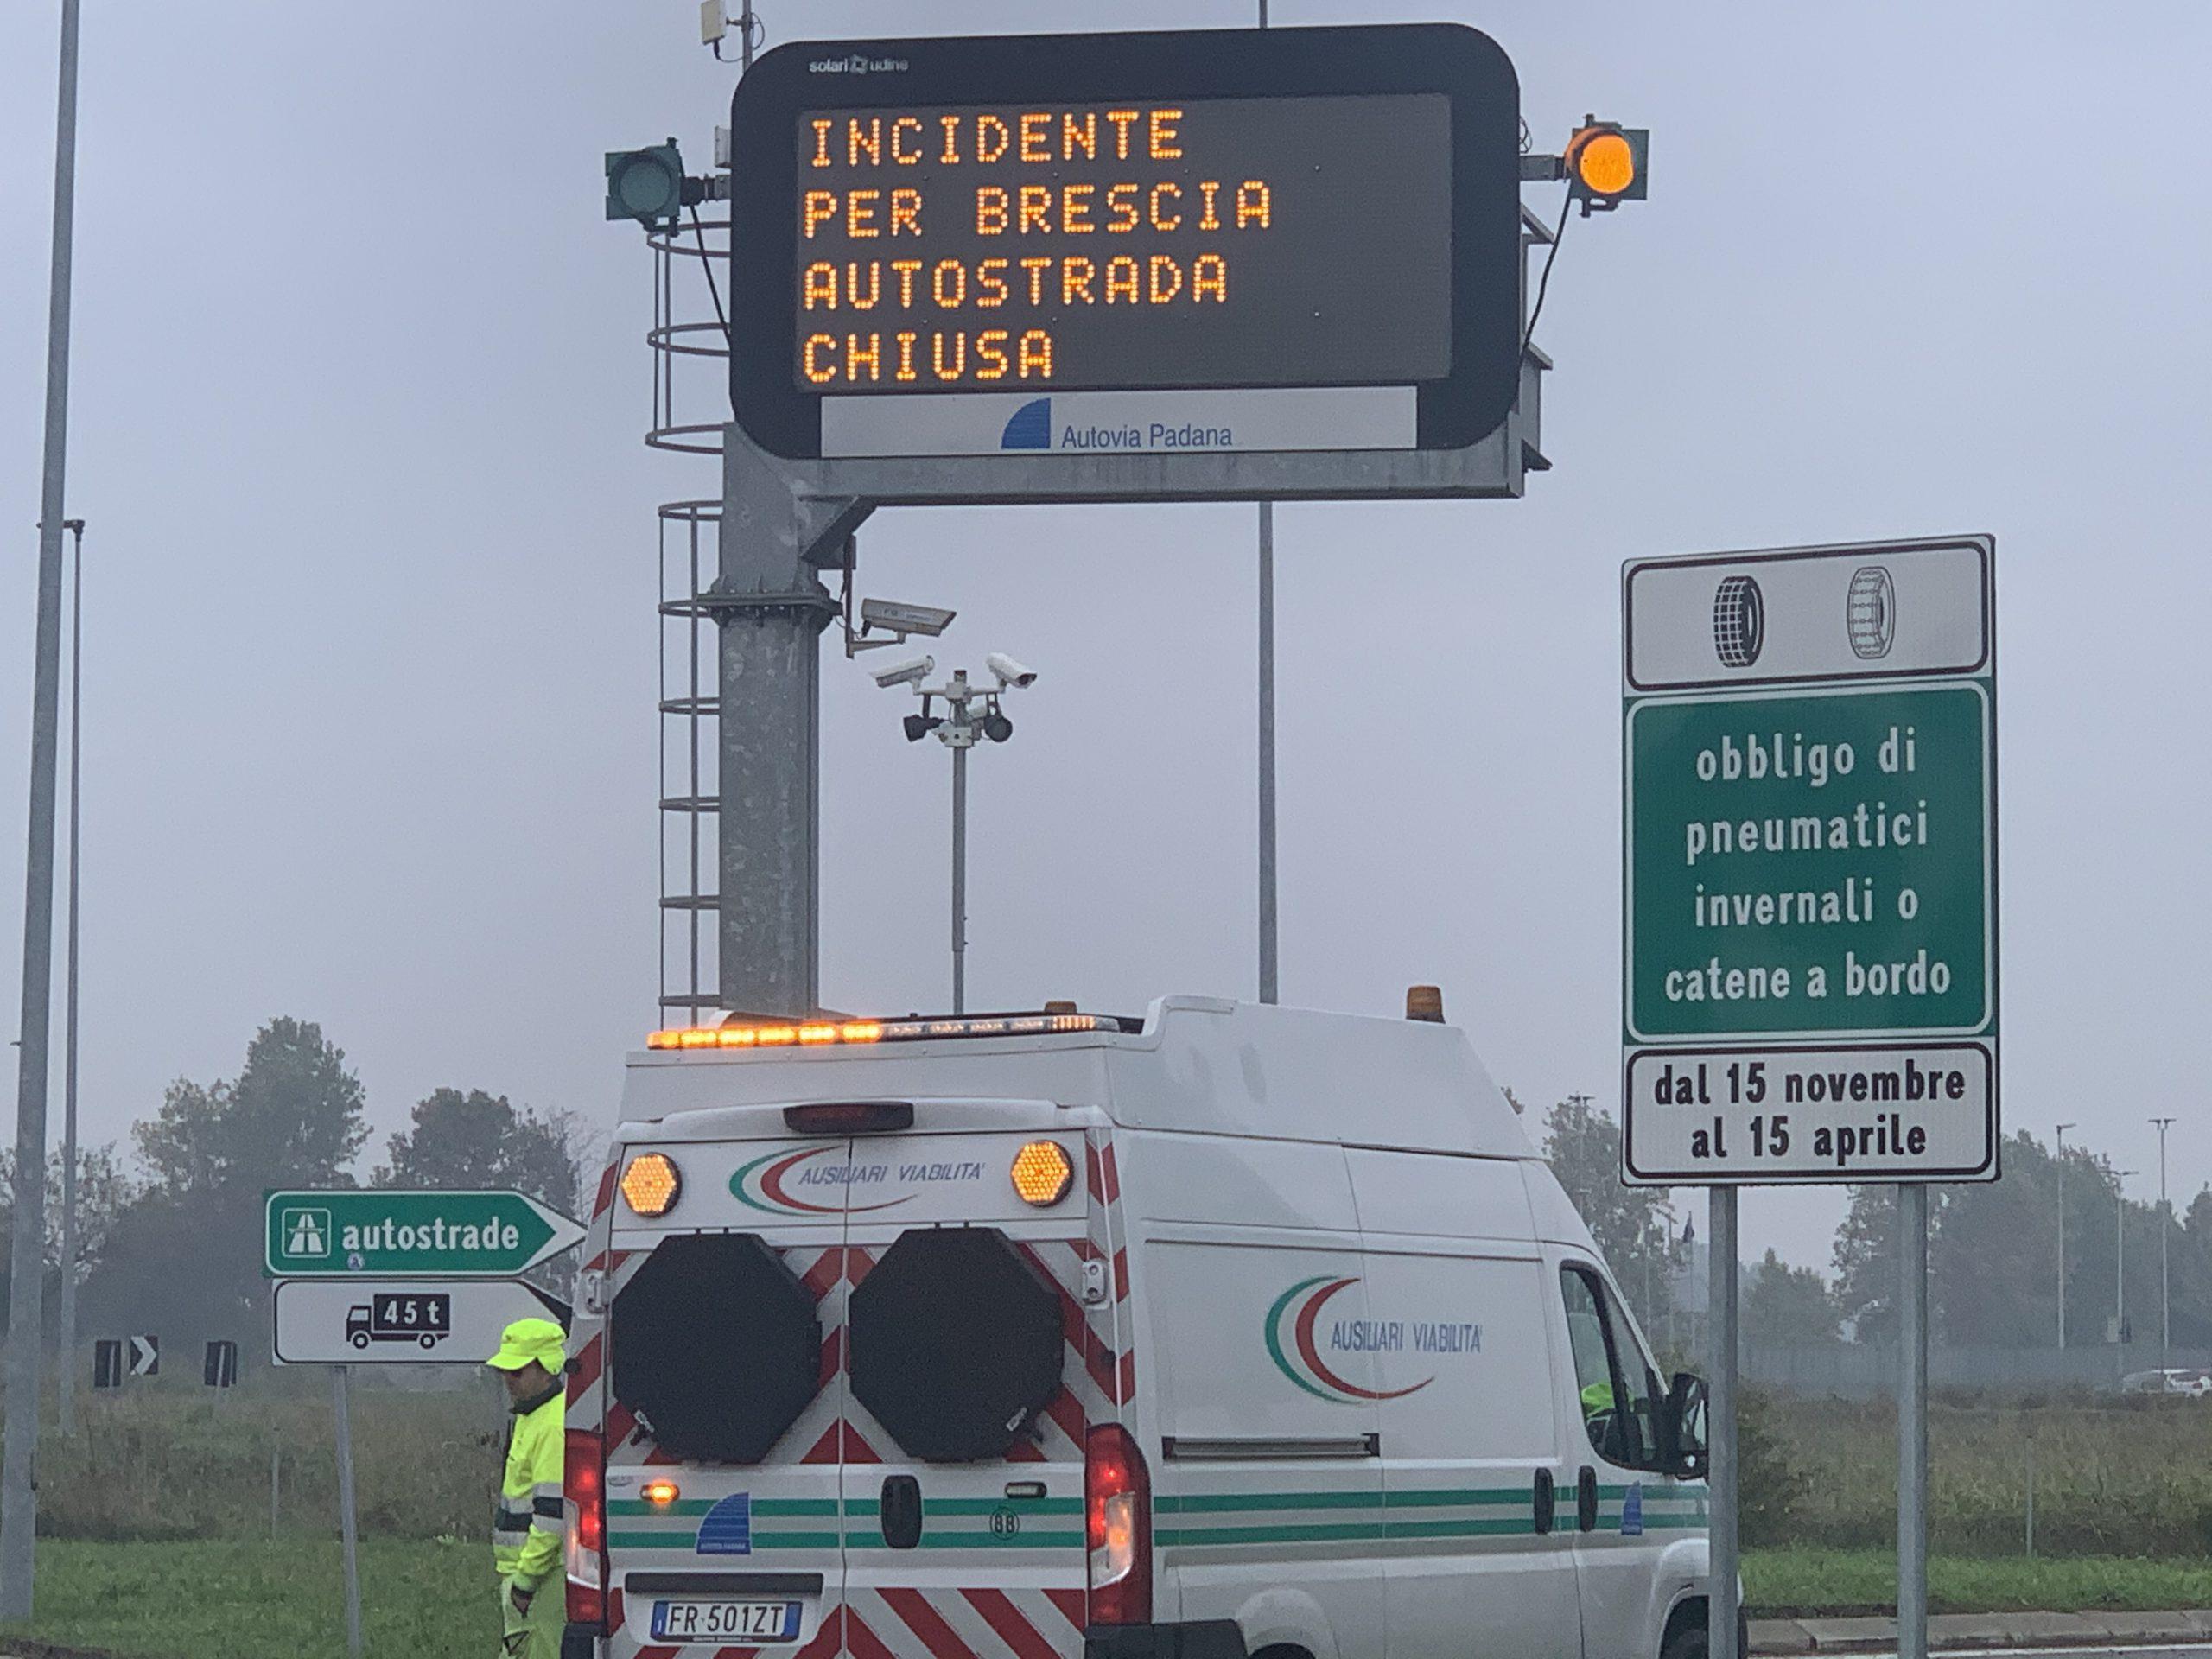 Scontro tra due tir, A21 chiusa da Cremona a Manerbio, direzione Brescia